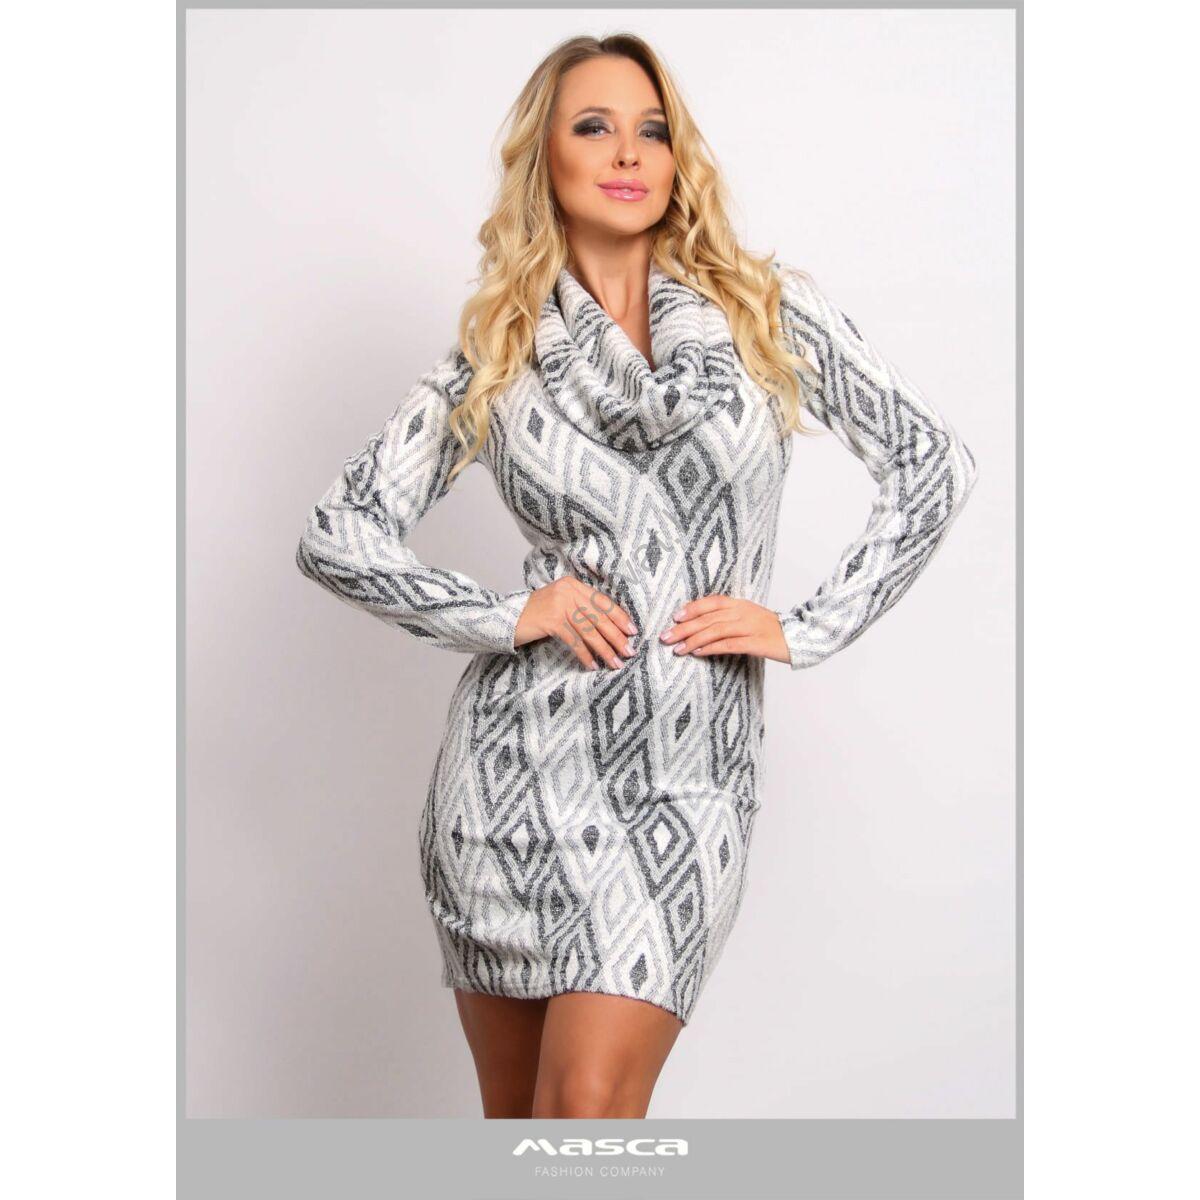 Masca Fashion kámzsanyakú, ezüst lurex szálas rugalmas kötött szürke rombuszmintás hosszú ujjú miniruha